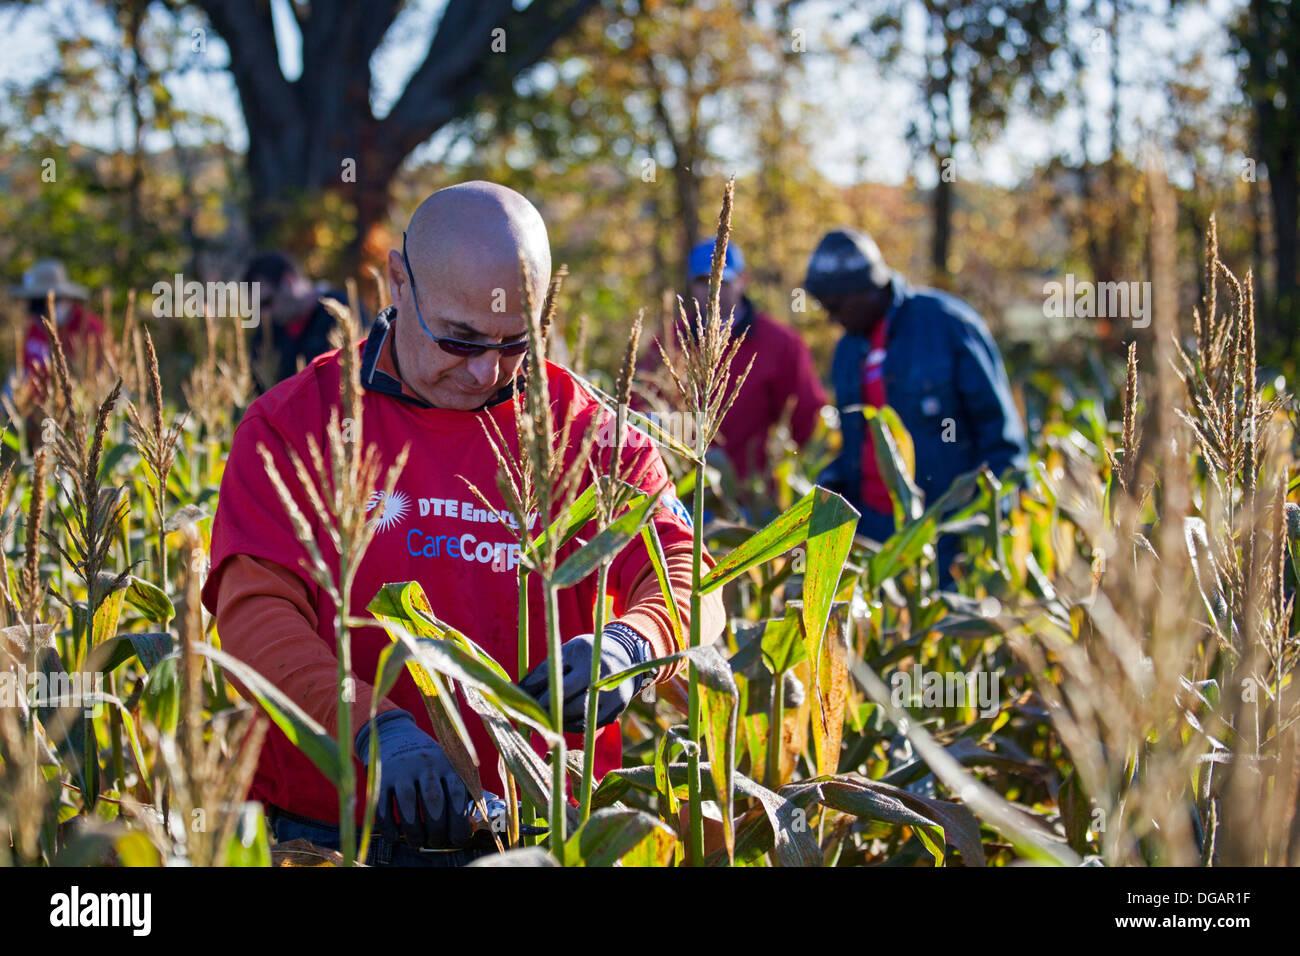 Les bénévoles travaillent dans le champ de maïs pour l'organisme de bienfaisance qui distribue de la nourriture à l'affamé. Photo Stock